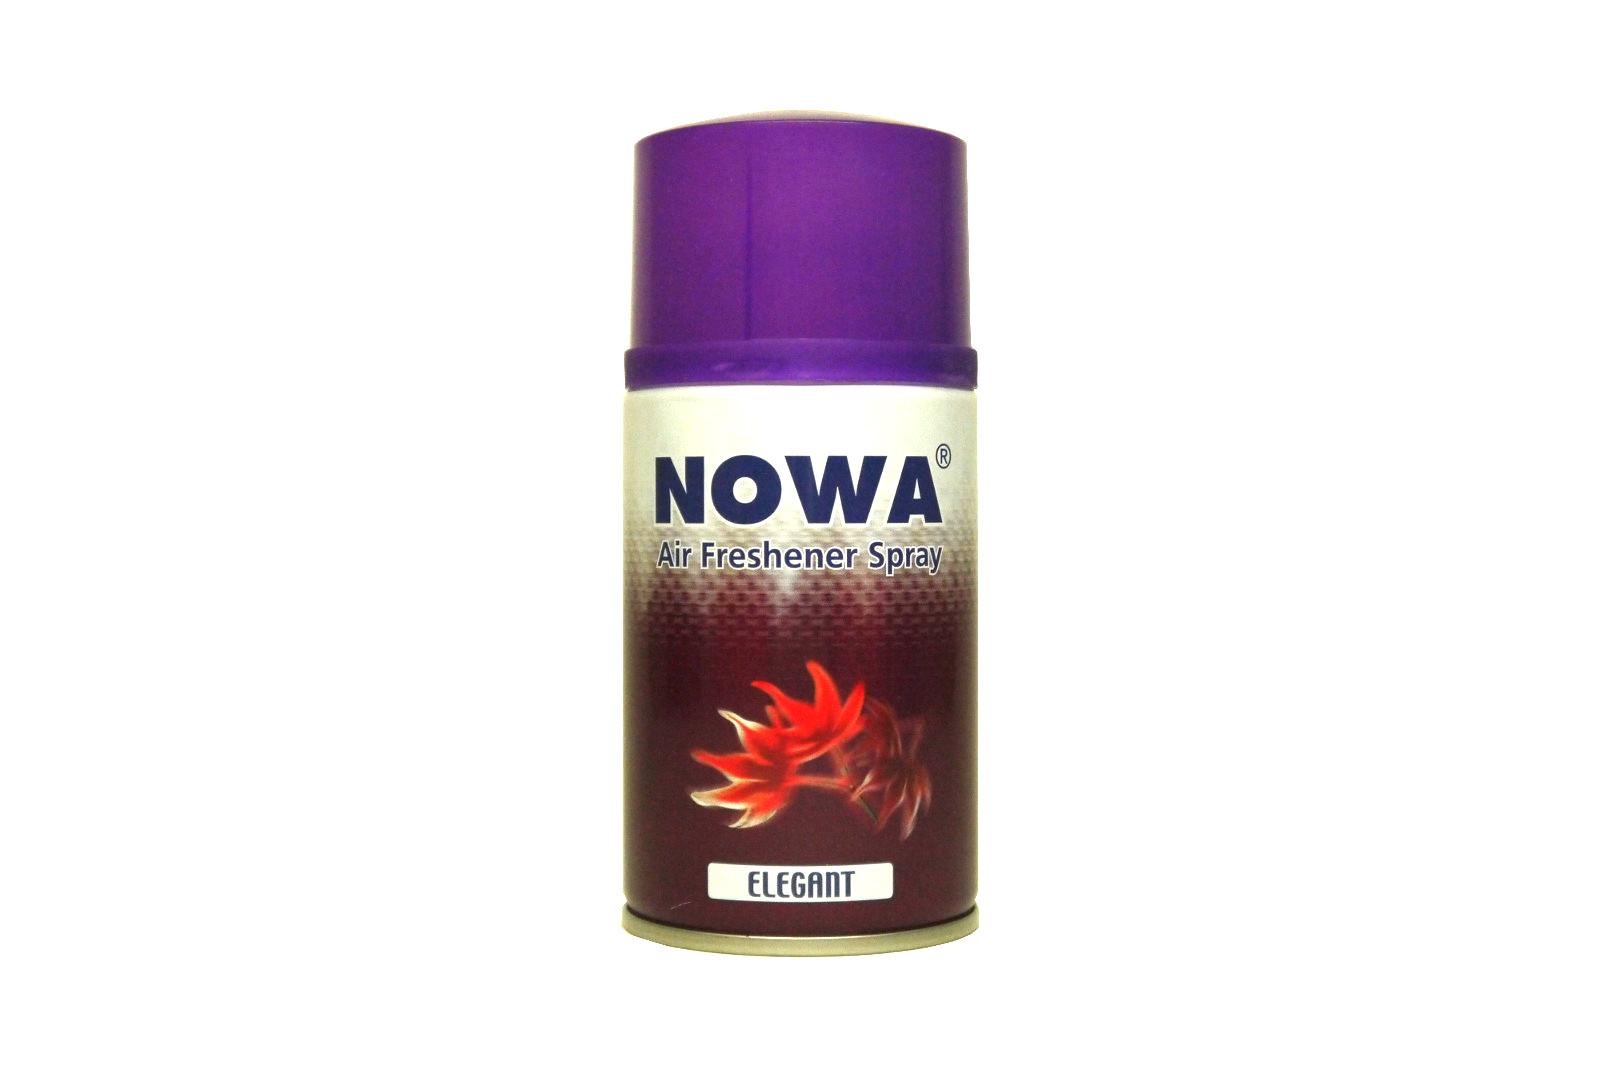 Освежитель воздуха Nowa